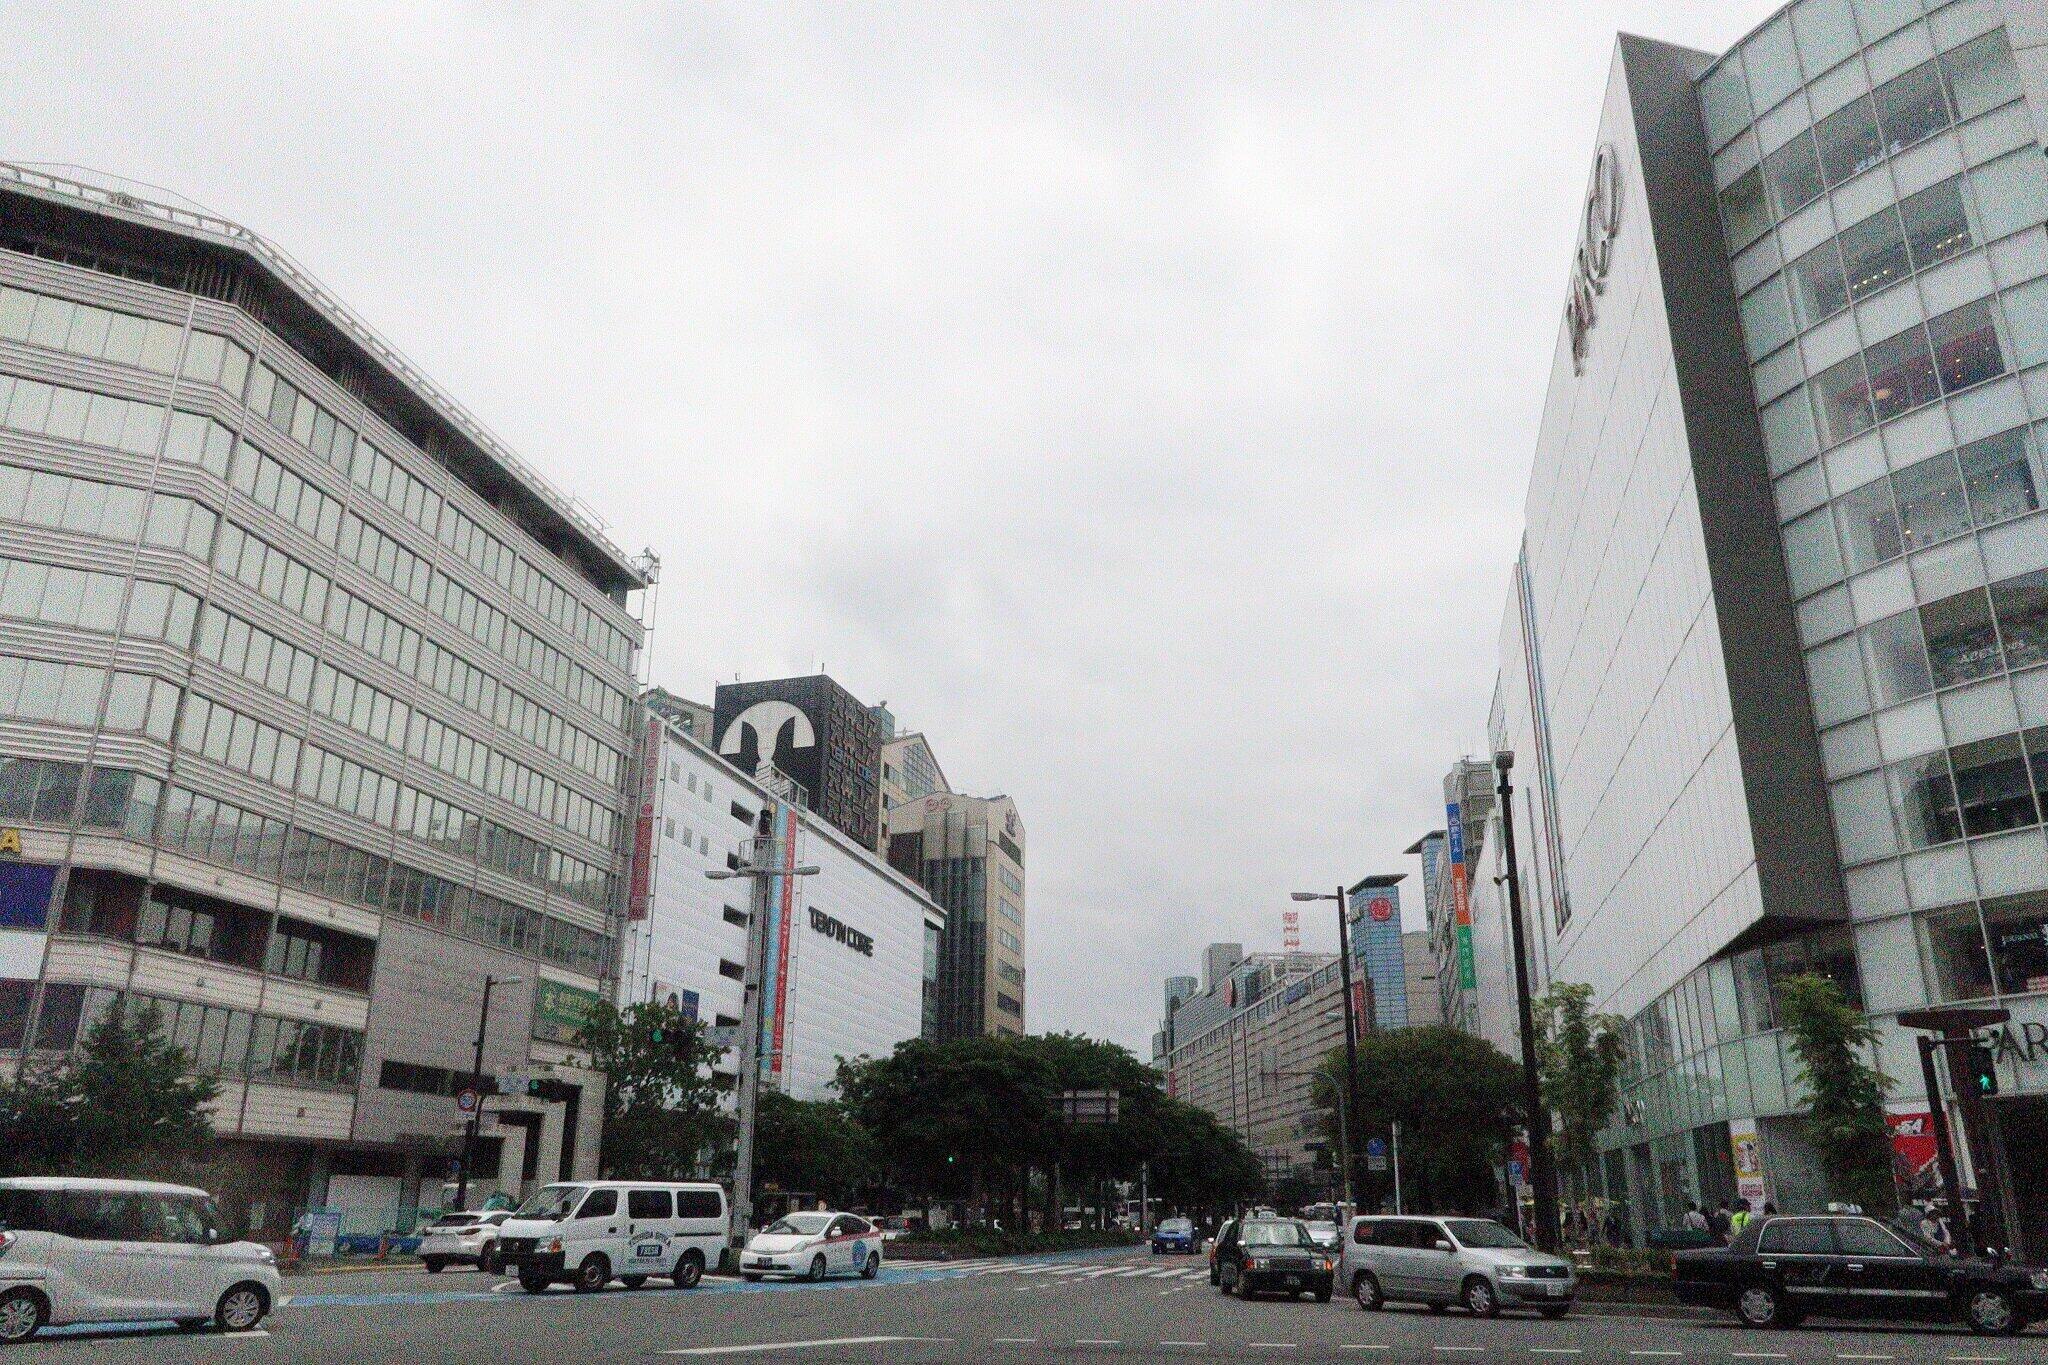 「福岡一極集中」さらに加速か 市民160万人突破、天神ビッグバンも追い風に